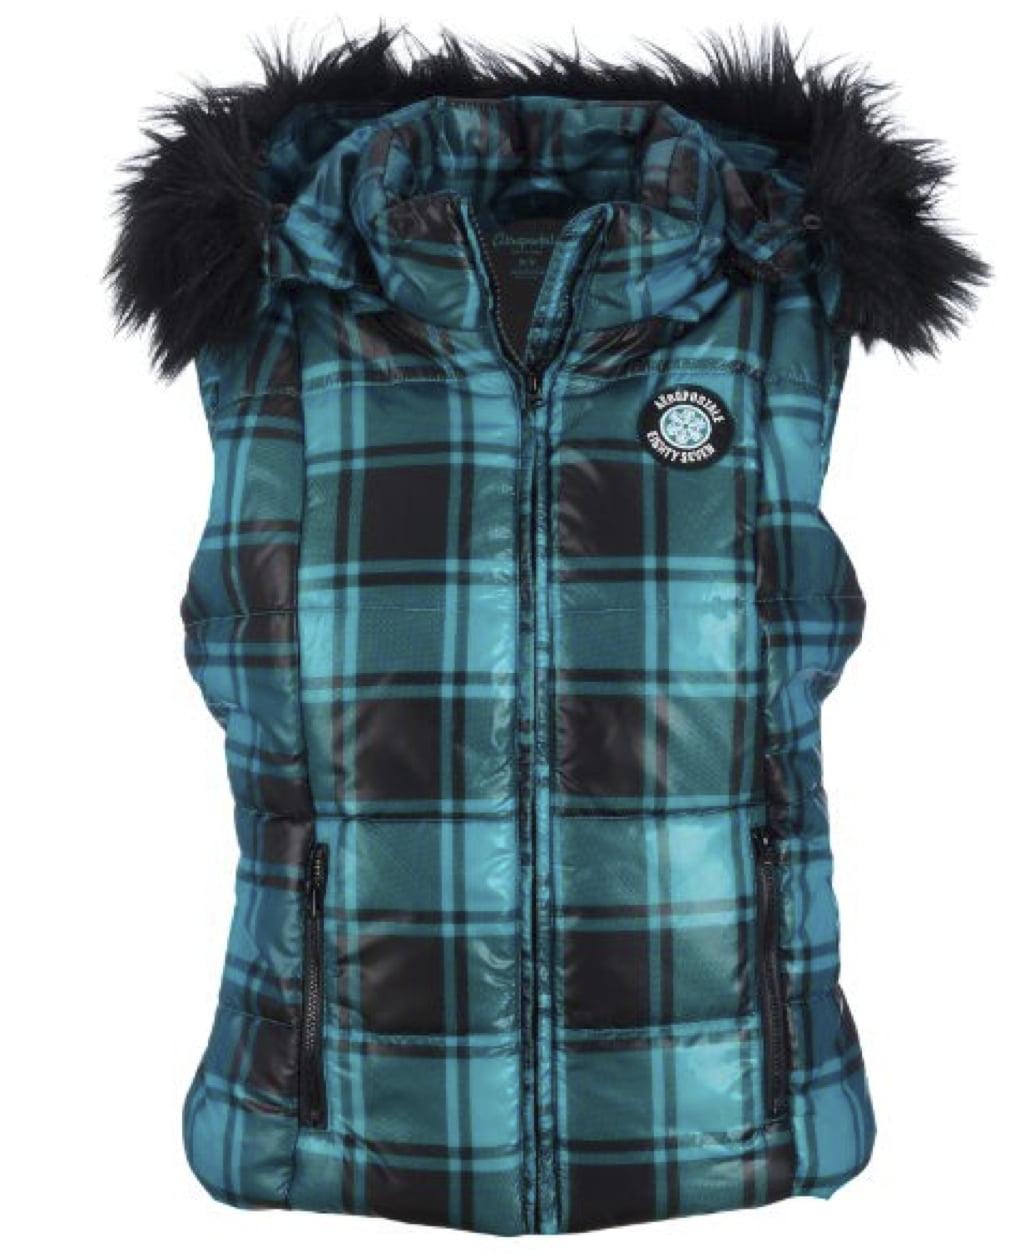 Aeropostale Women's Puffer Fur Vest